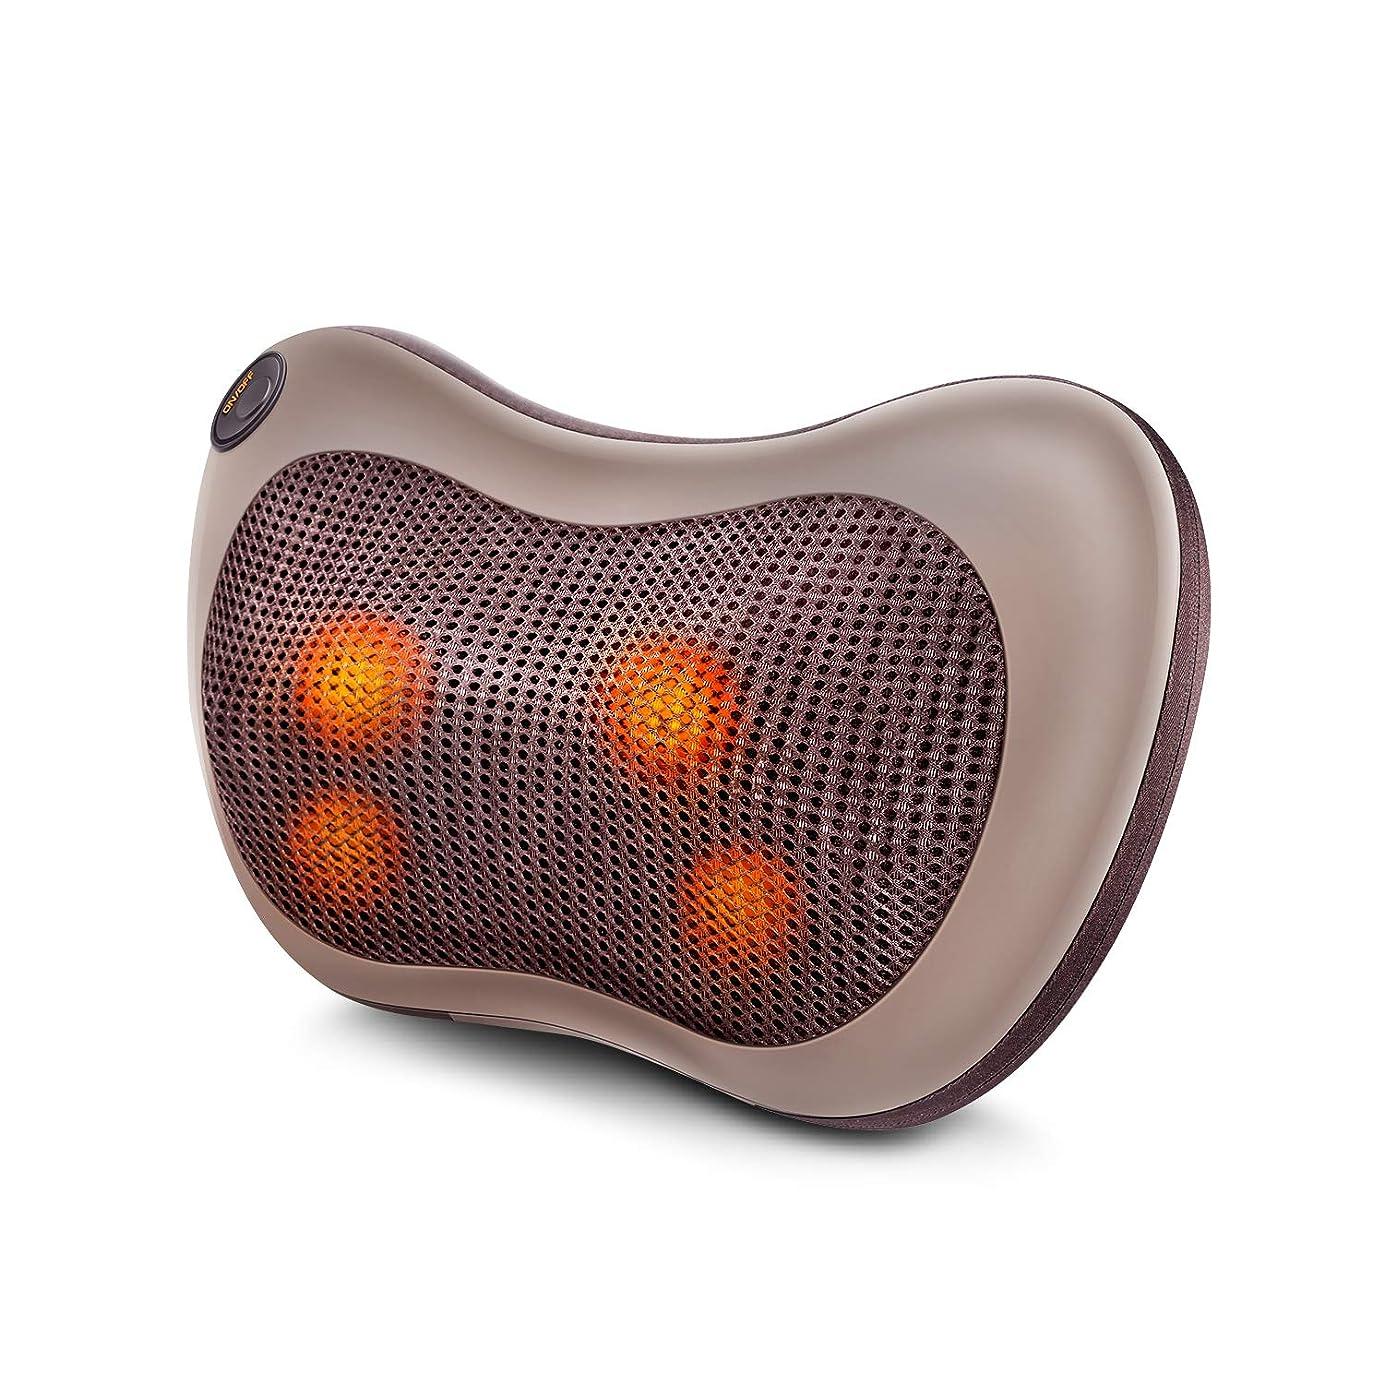 過度の物理的につかいますマッサージ枕 マッサージ機 首マッサージ マッサージピロー マッサージクッション 自宅 オフィス 車載マッサージャー 加熱 3モード調節可能 過熱防止 日本語説明書付き